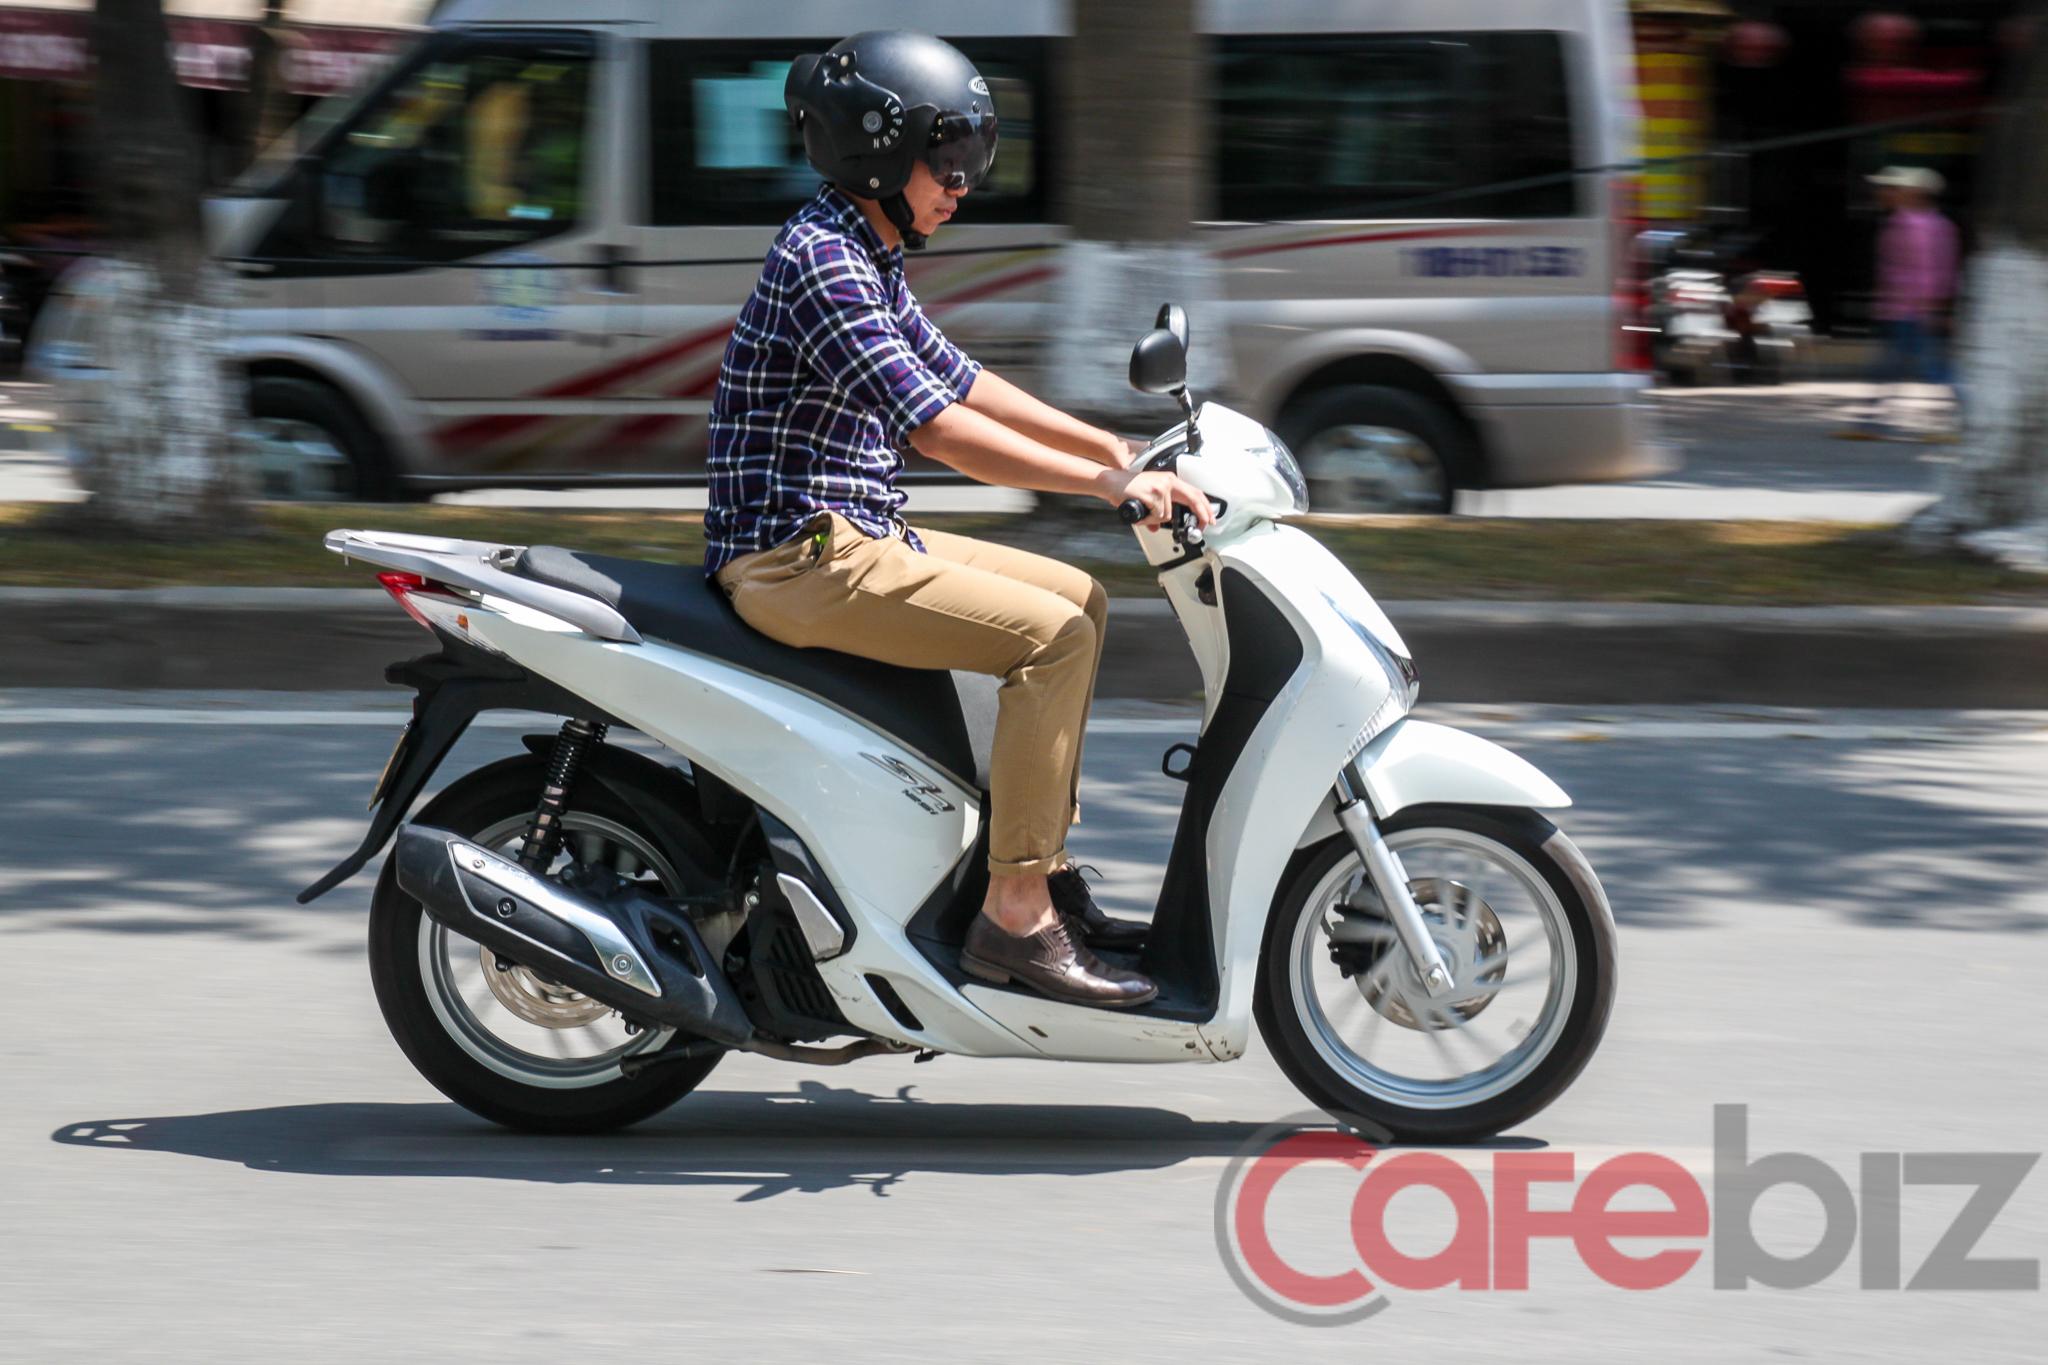 Honda SH khá ì và ồn ào ở vận tốc thấp.